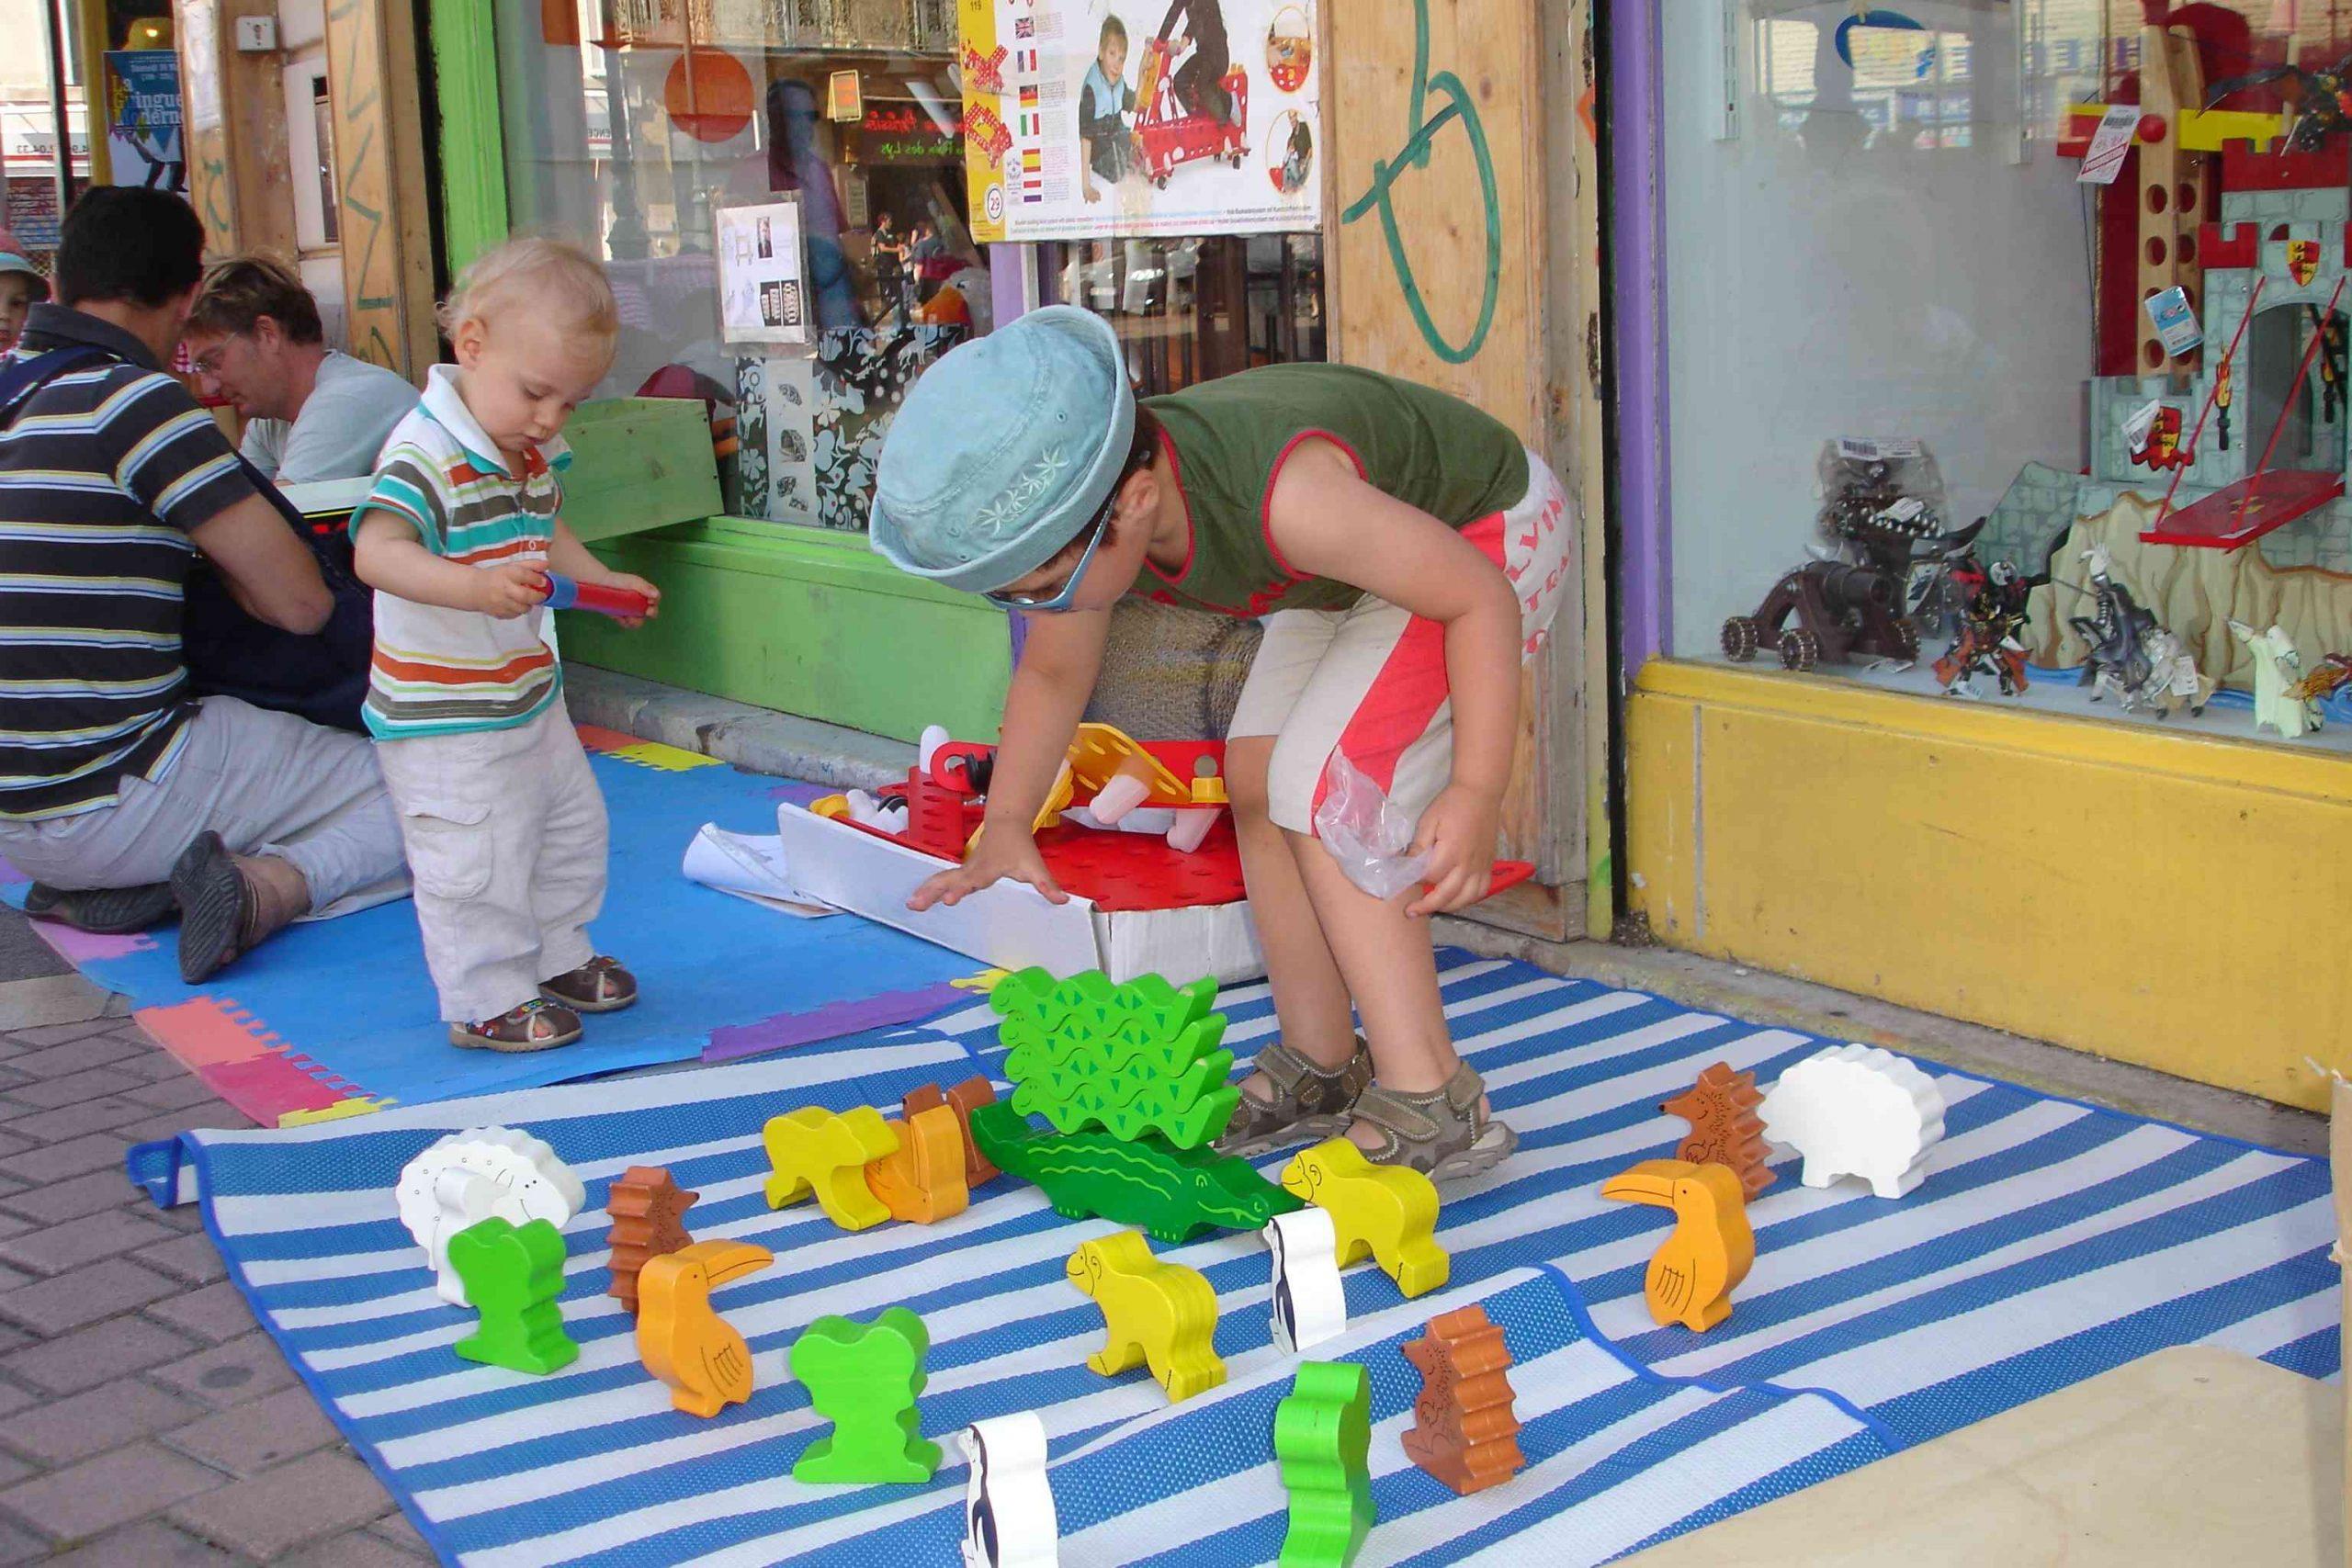 Activités Et Jeux Pour Enfants: Le Programme | La Guinguette serapportantà Jeux Tout Petit